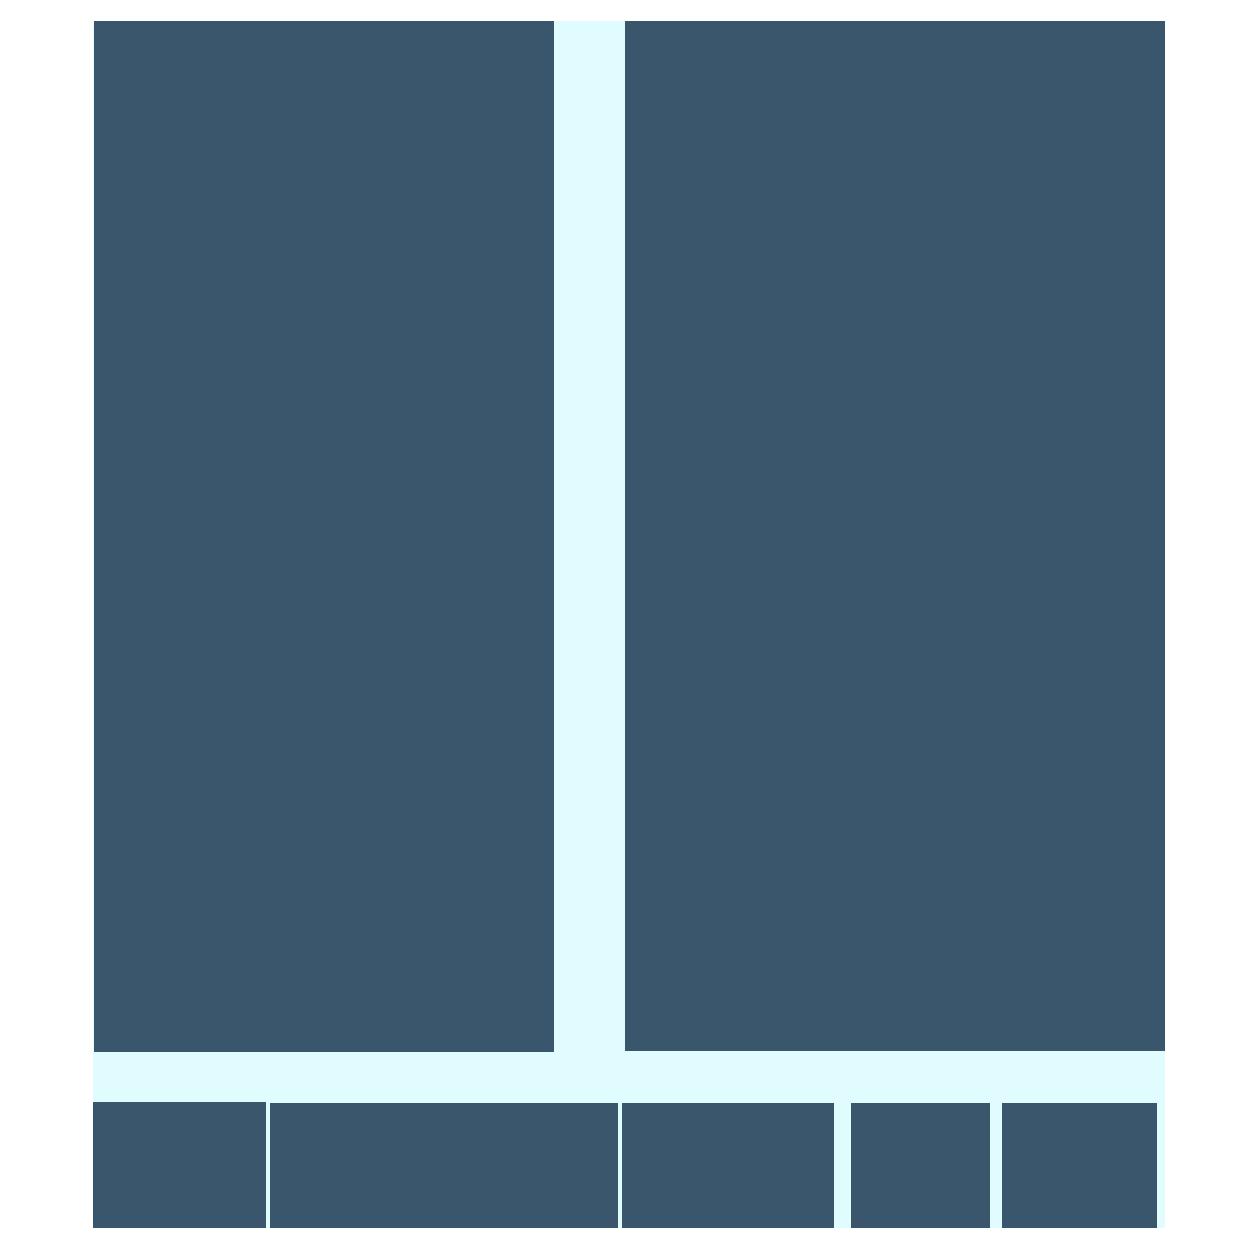 Kramer-01